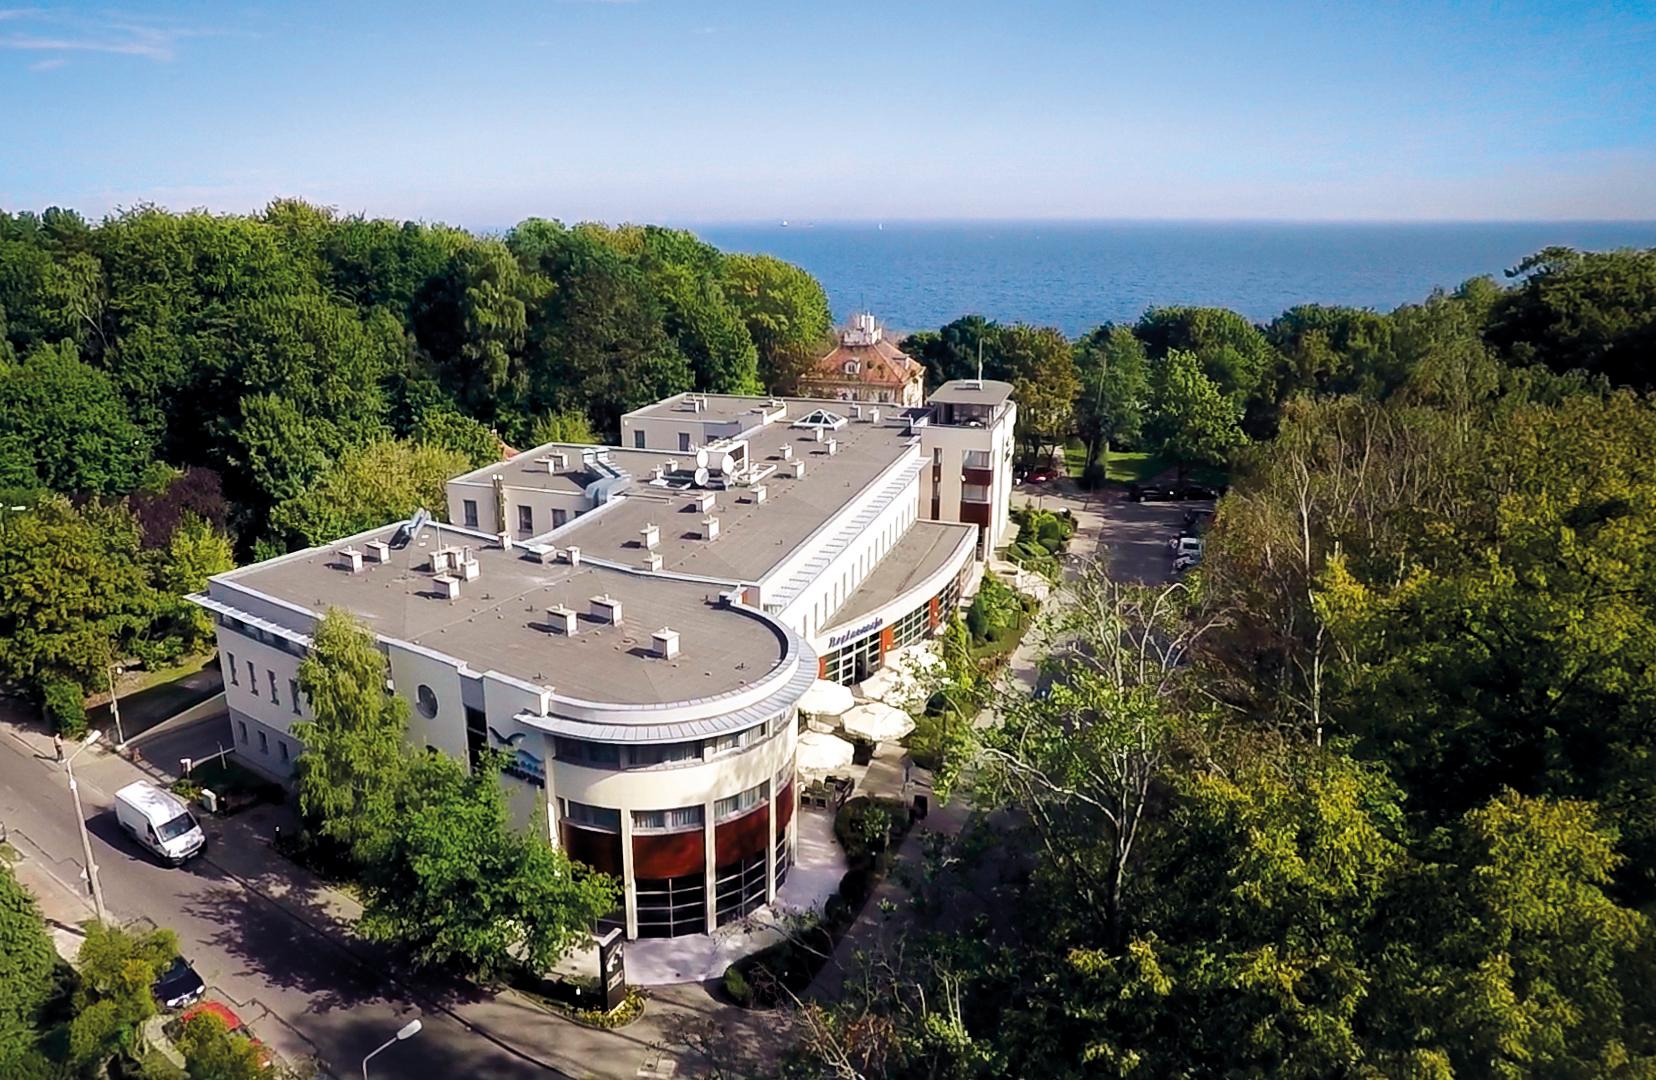 Hotel Nadmorski, źródło: materiały prasowe